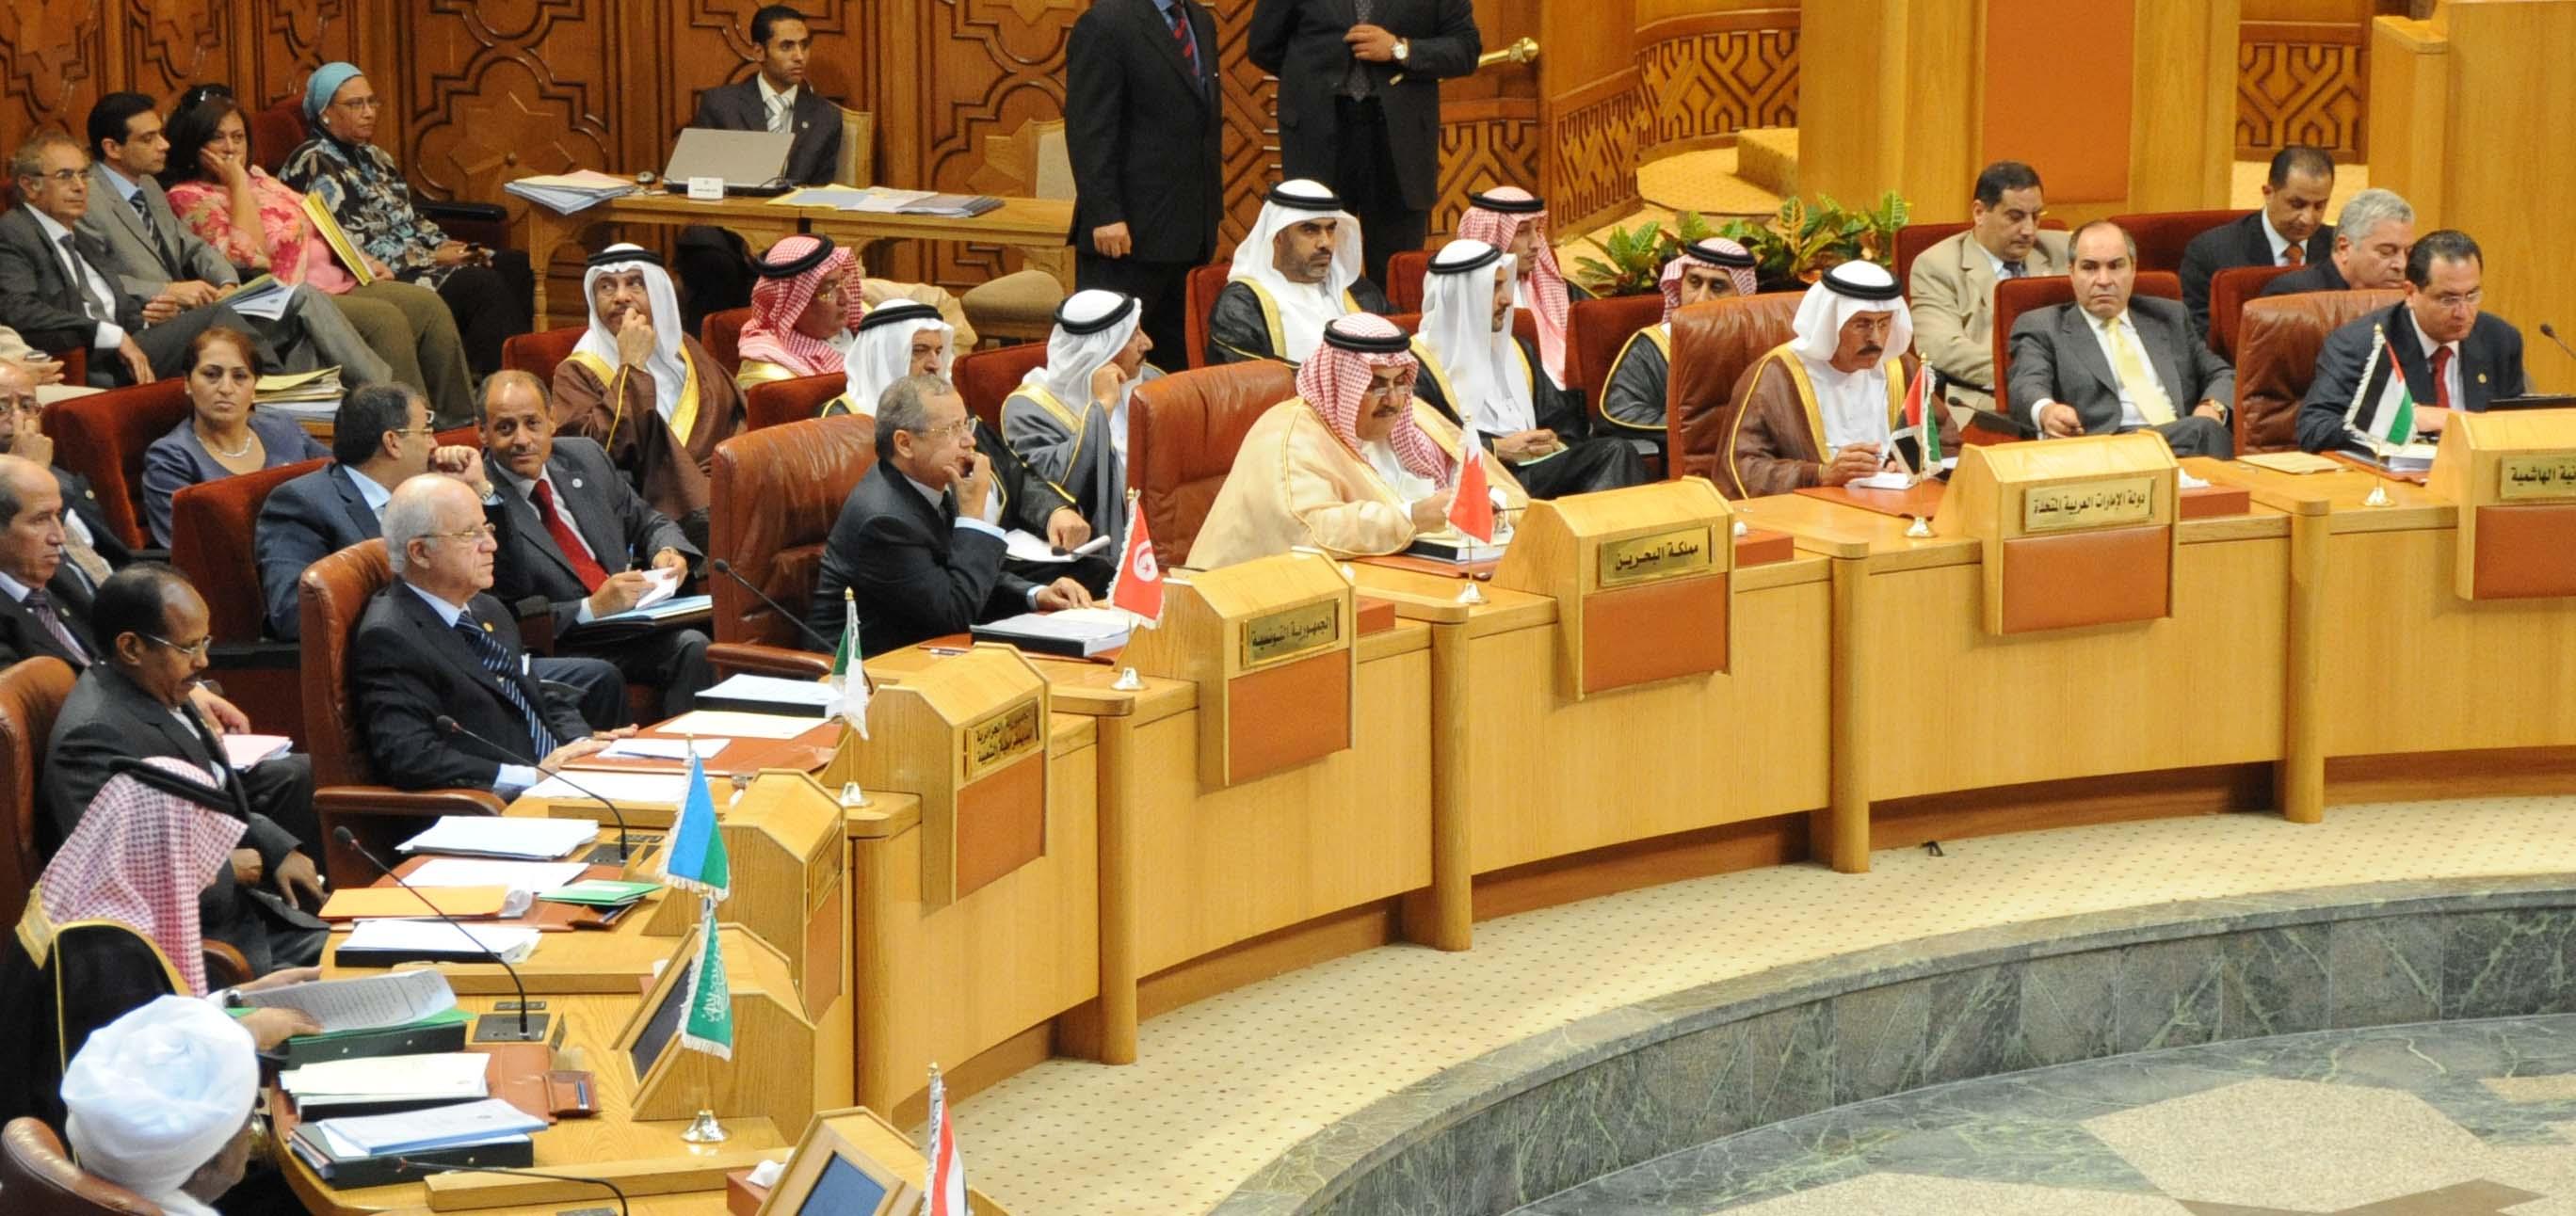 وزراء الخارجية العرب يتهمون إيران بزعزعة الأمن الإقليمي